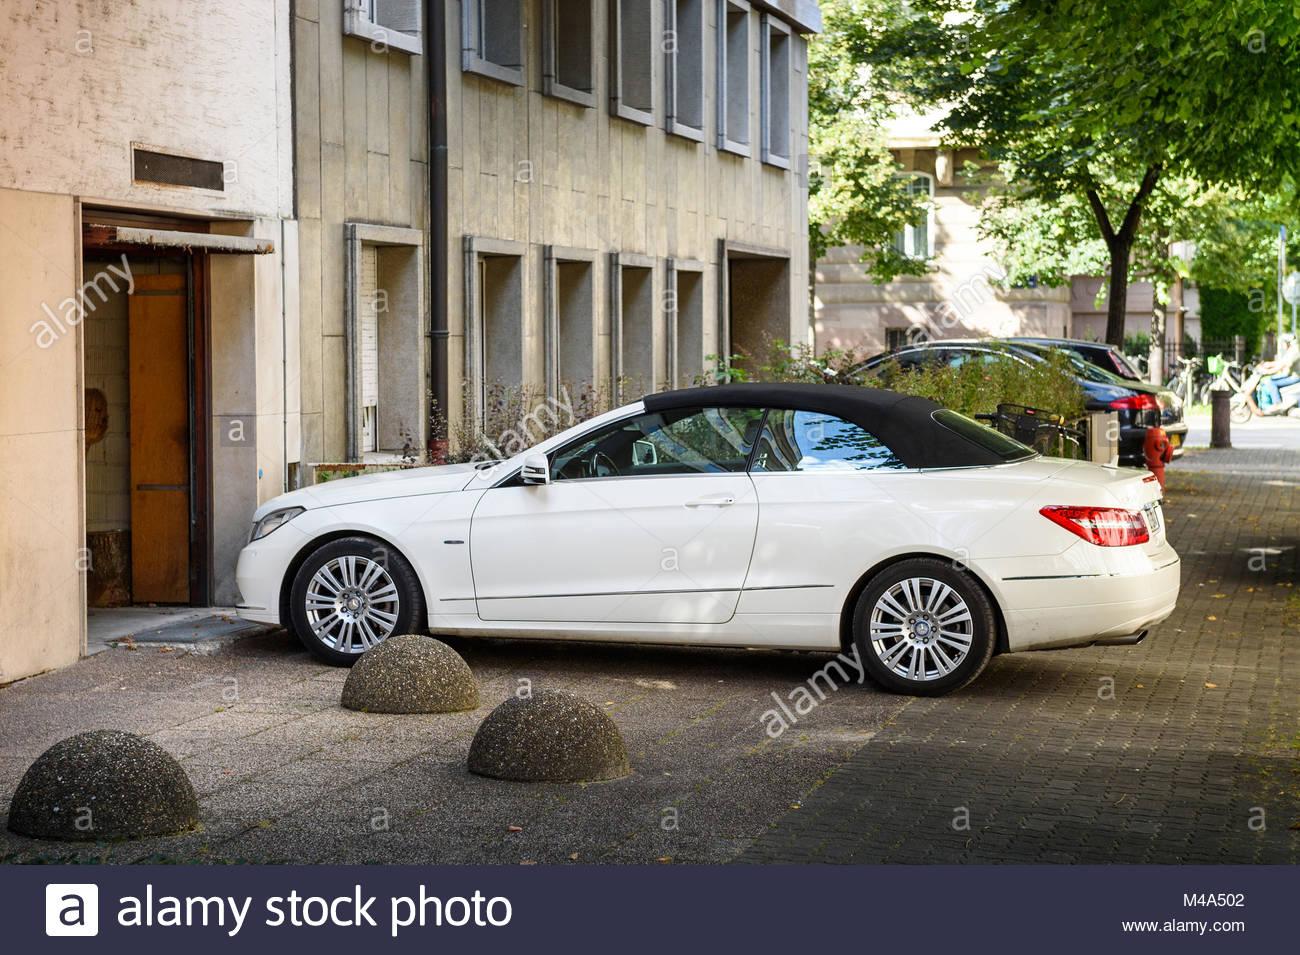 Luxury Mercedes-Benz CLK convertible car entering through garage Stock Photo